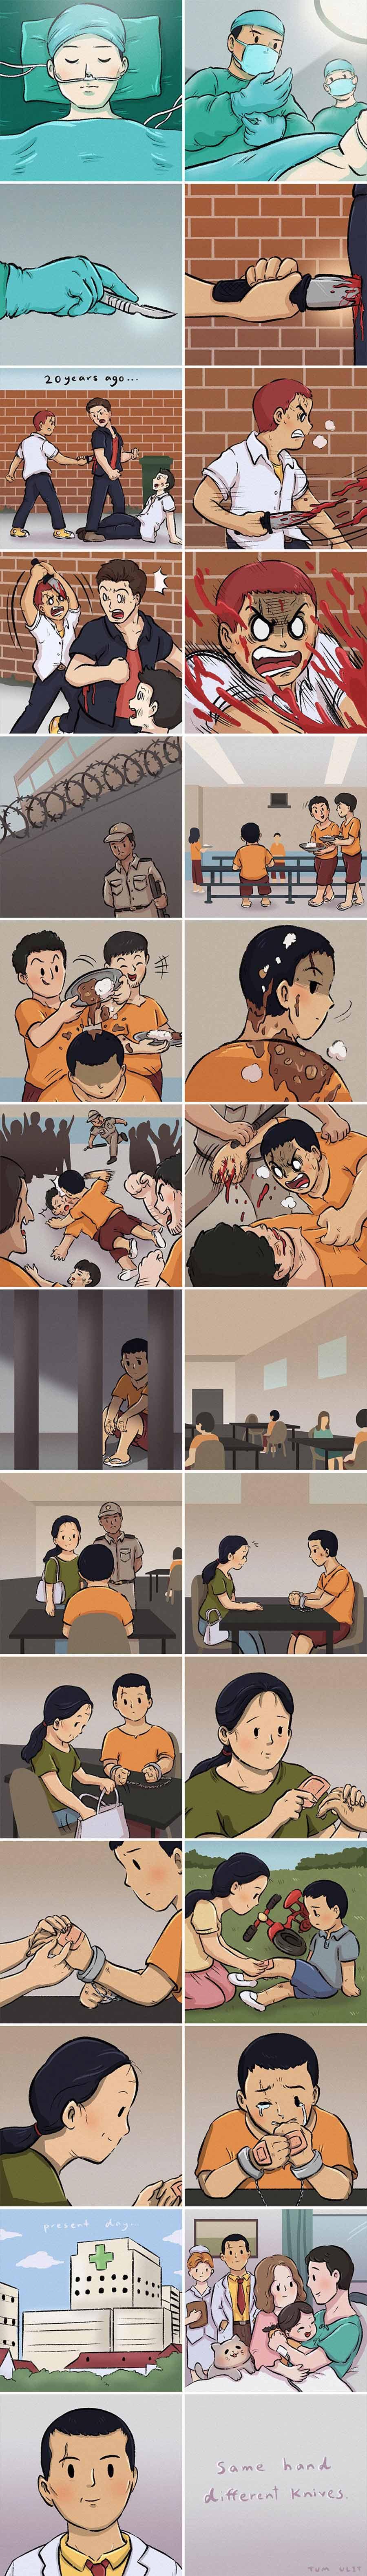 Intensive Webcomic-Geschichten von Tum Natakorn Ulit Tum-Natakorn-Ulit-webcomics_08